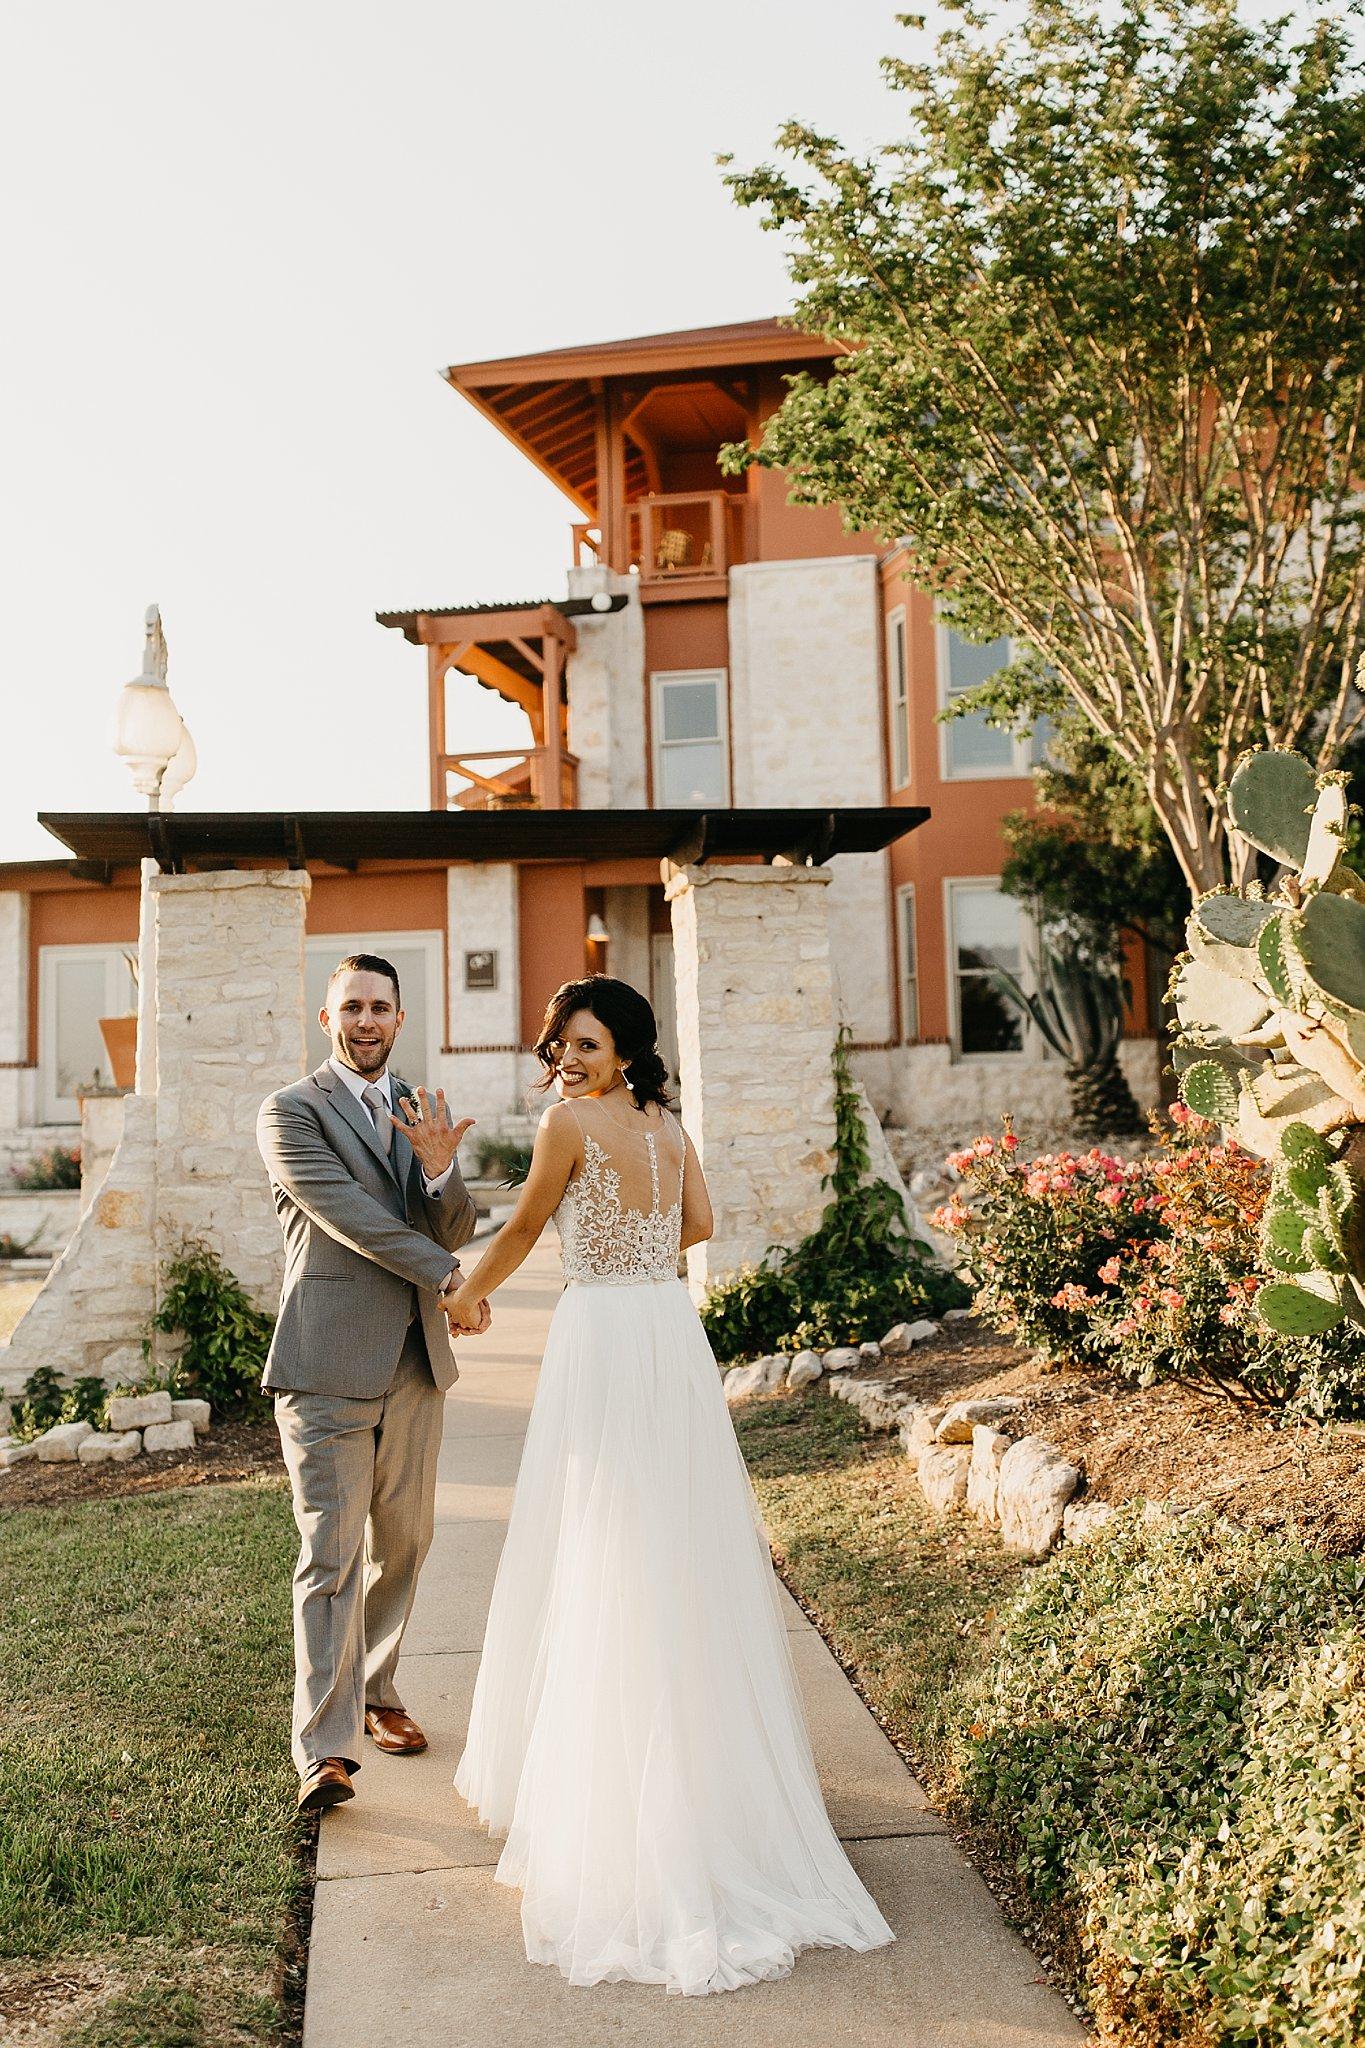 Wilderlove Co_Austin Texas_Lake Travis_Vintage Villas Hotel_Wedding Photography_0046.jpg